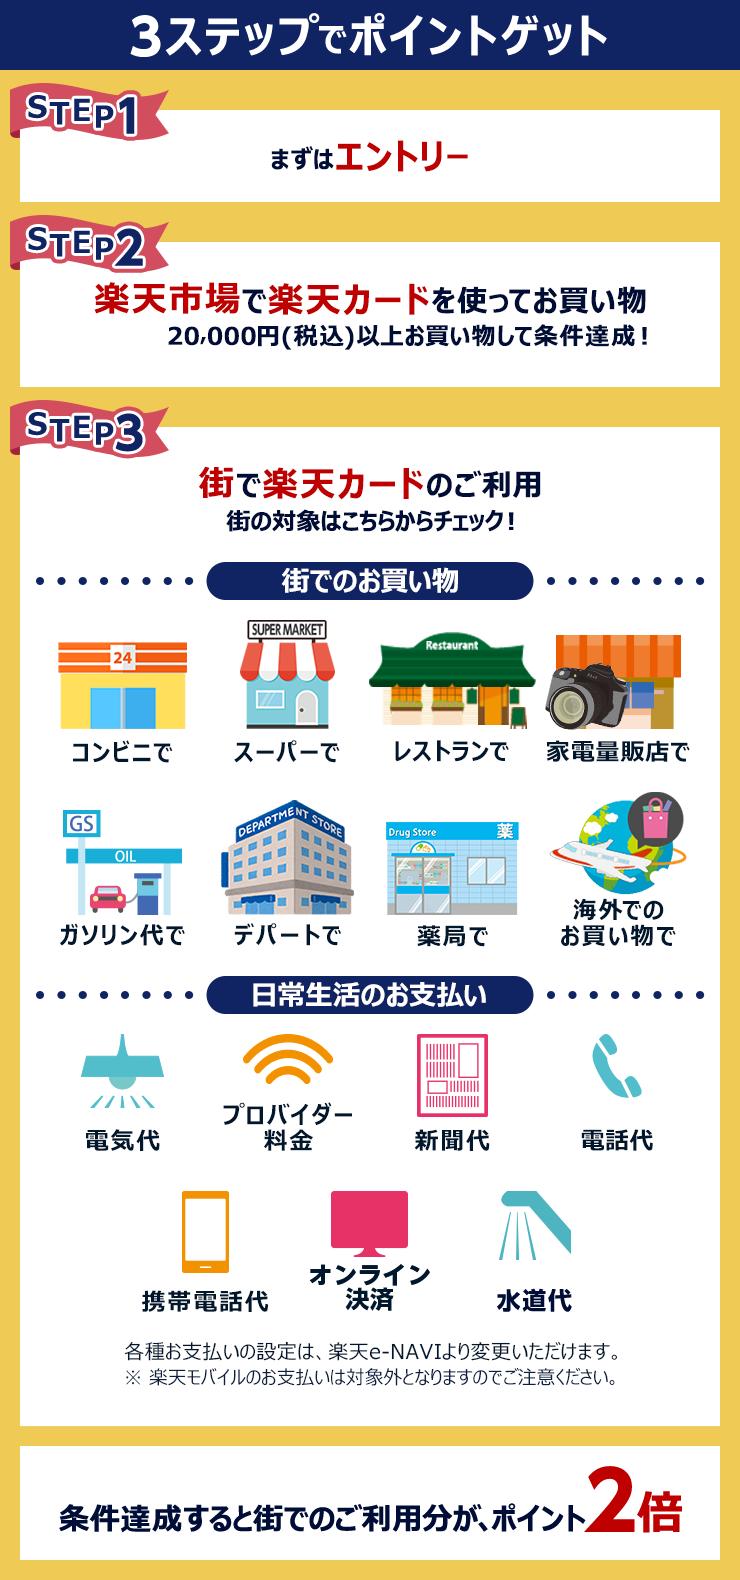 楽天市場での合計ご利用金額が20,000円(税込)以上で街でのご利用分がポイント2倍に!